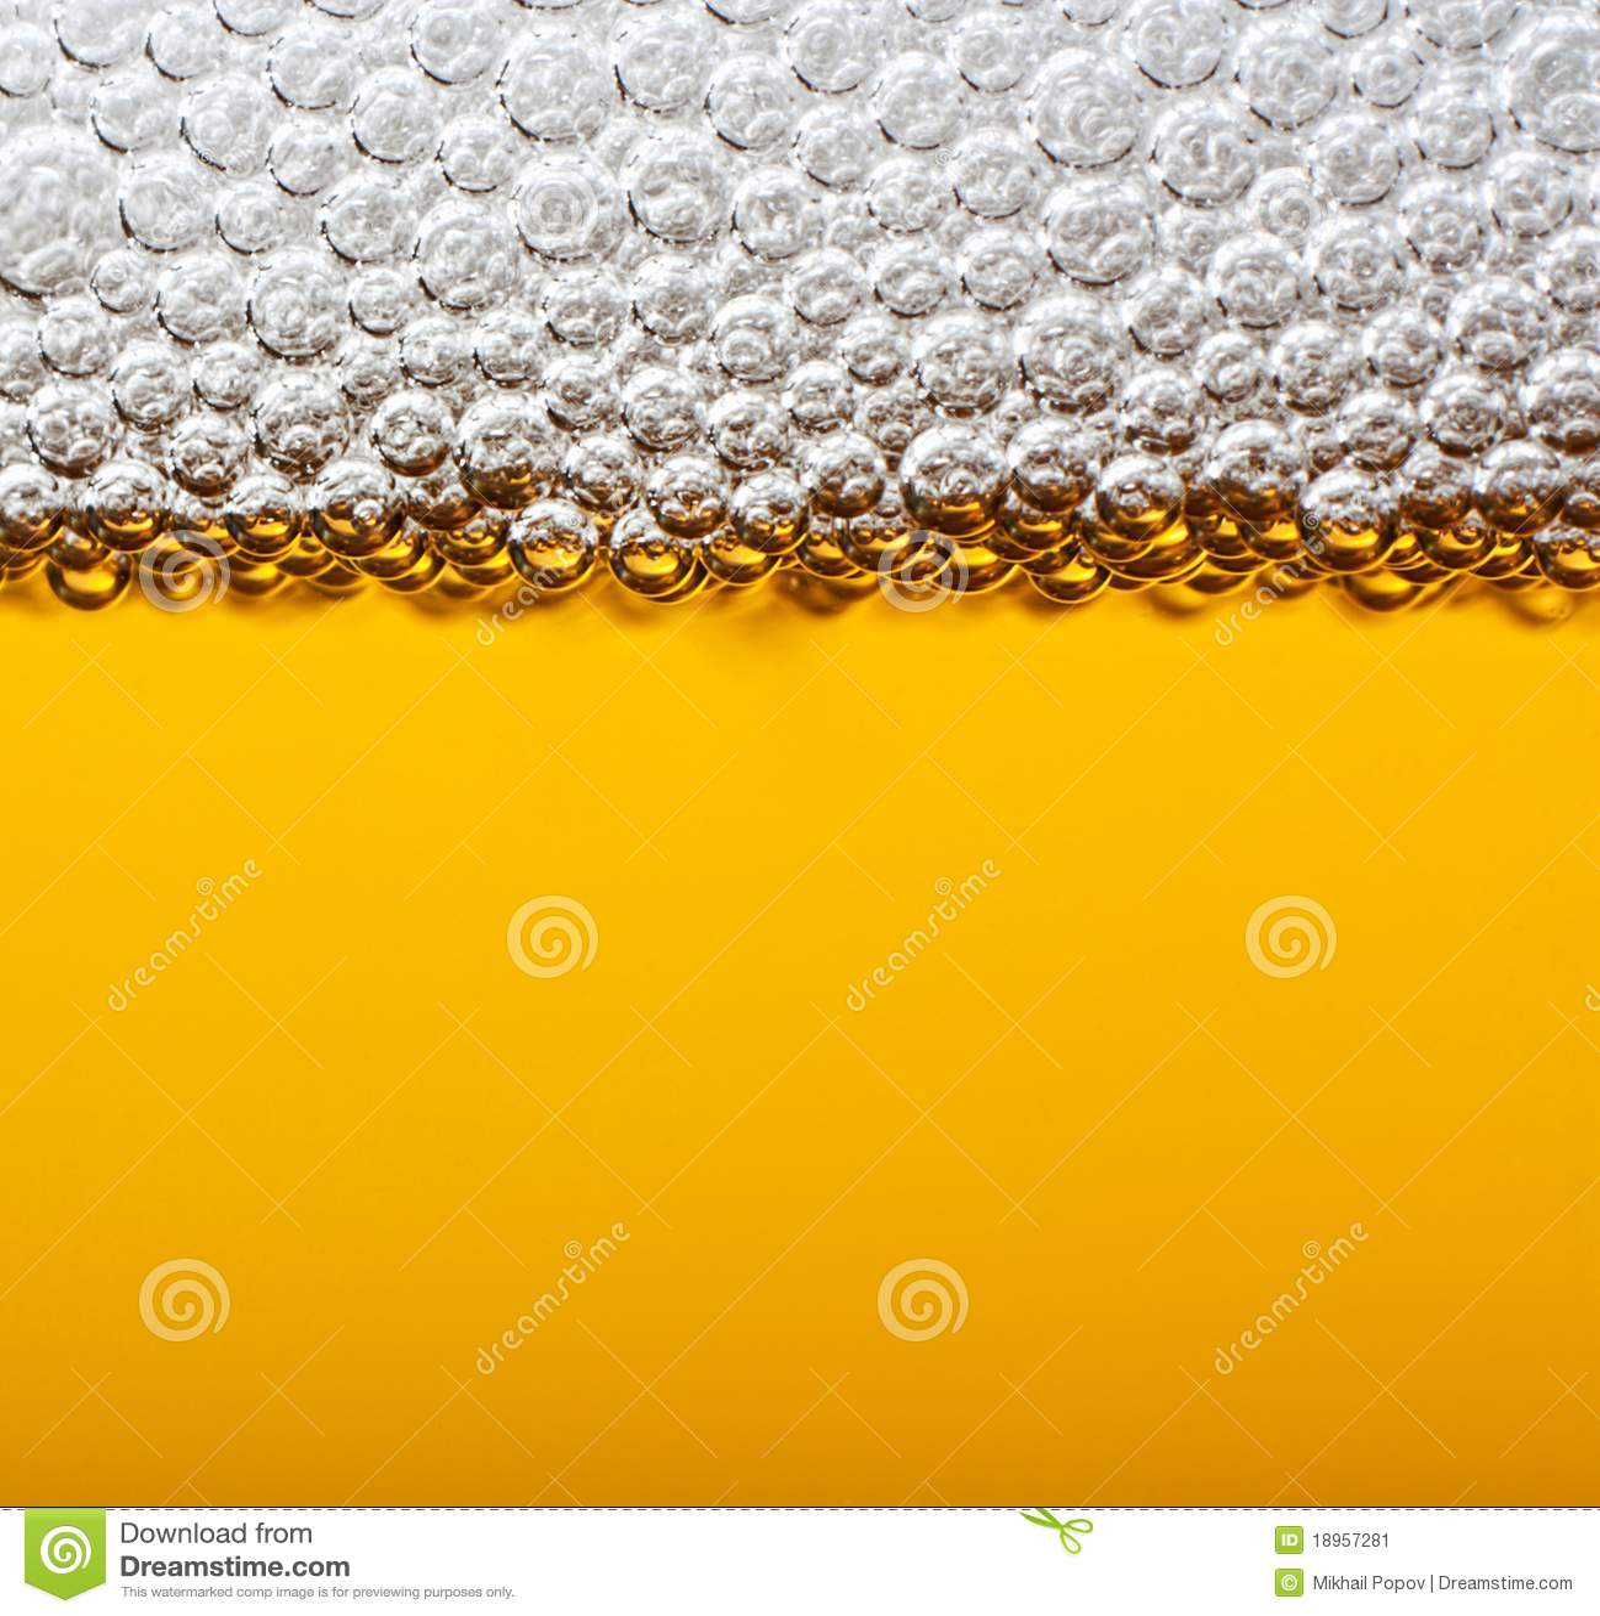 Birra del primo piano con gomma piuma.